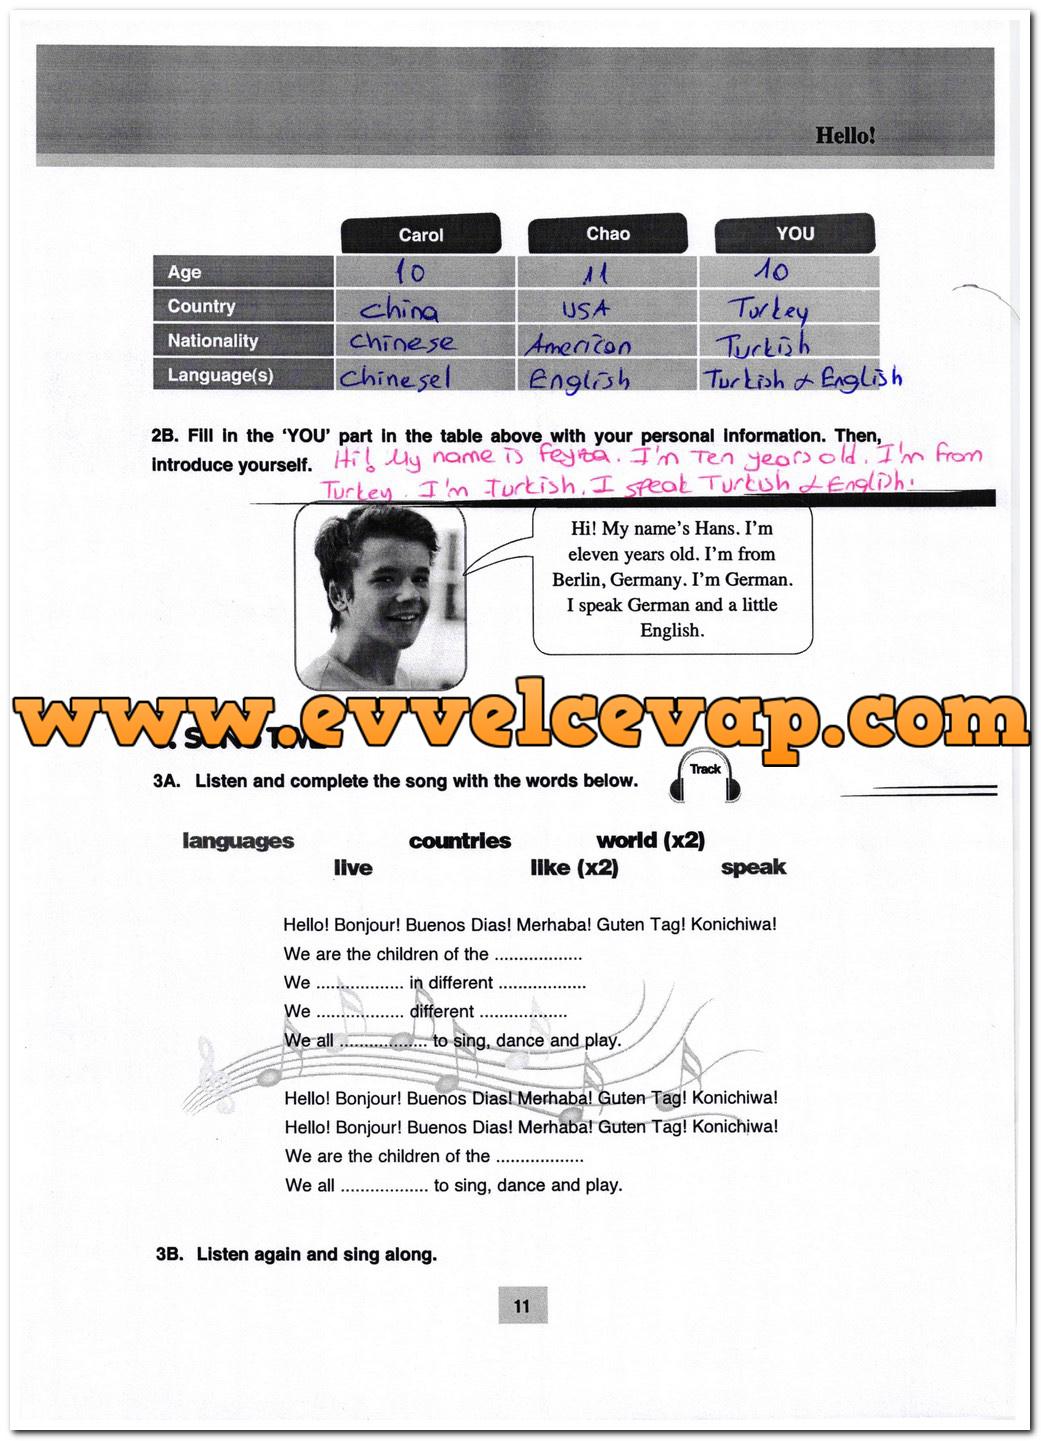 5. Sınıf Özgün Yayınları İngilizce 11. Sayfa Cevapları